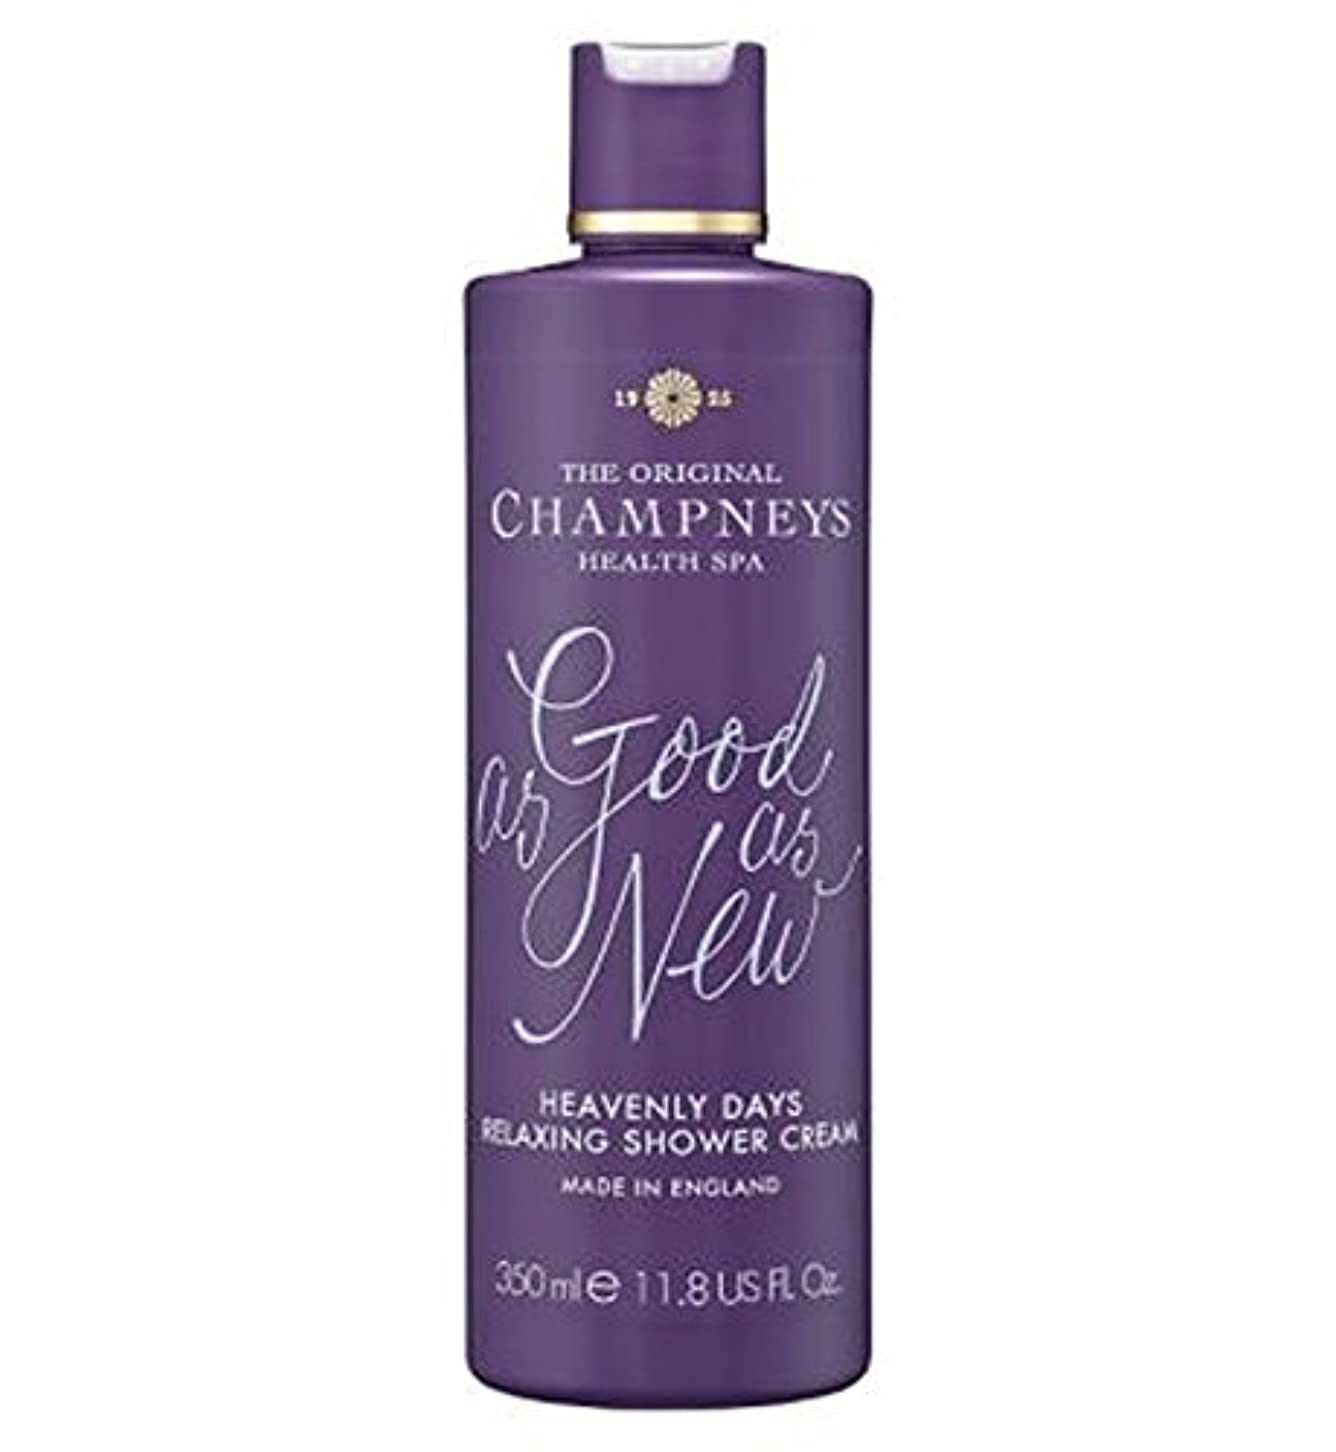 過激派酸度冷蔵庫Champneys Heavenly Days Relaxing Shower Cream 350ml - チャンプニーズ天の日のリラックスシャワークリーム350ミリリットル (Champneys) [並行輸入品]